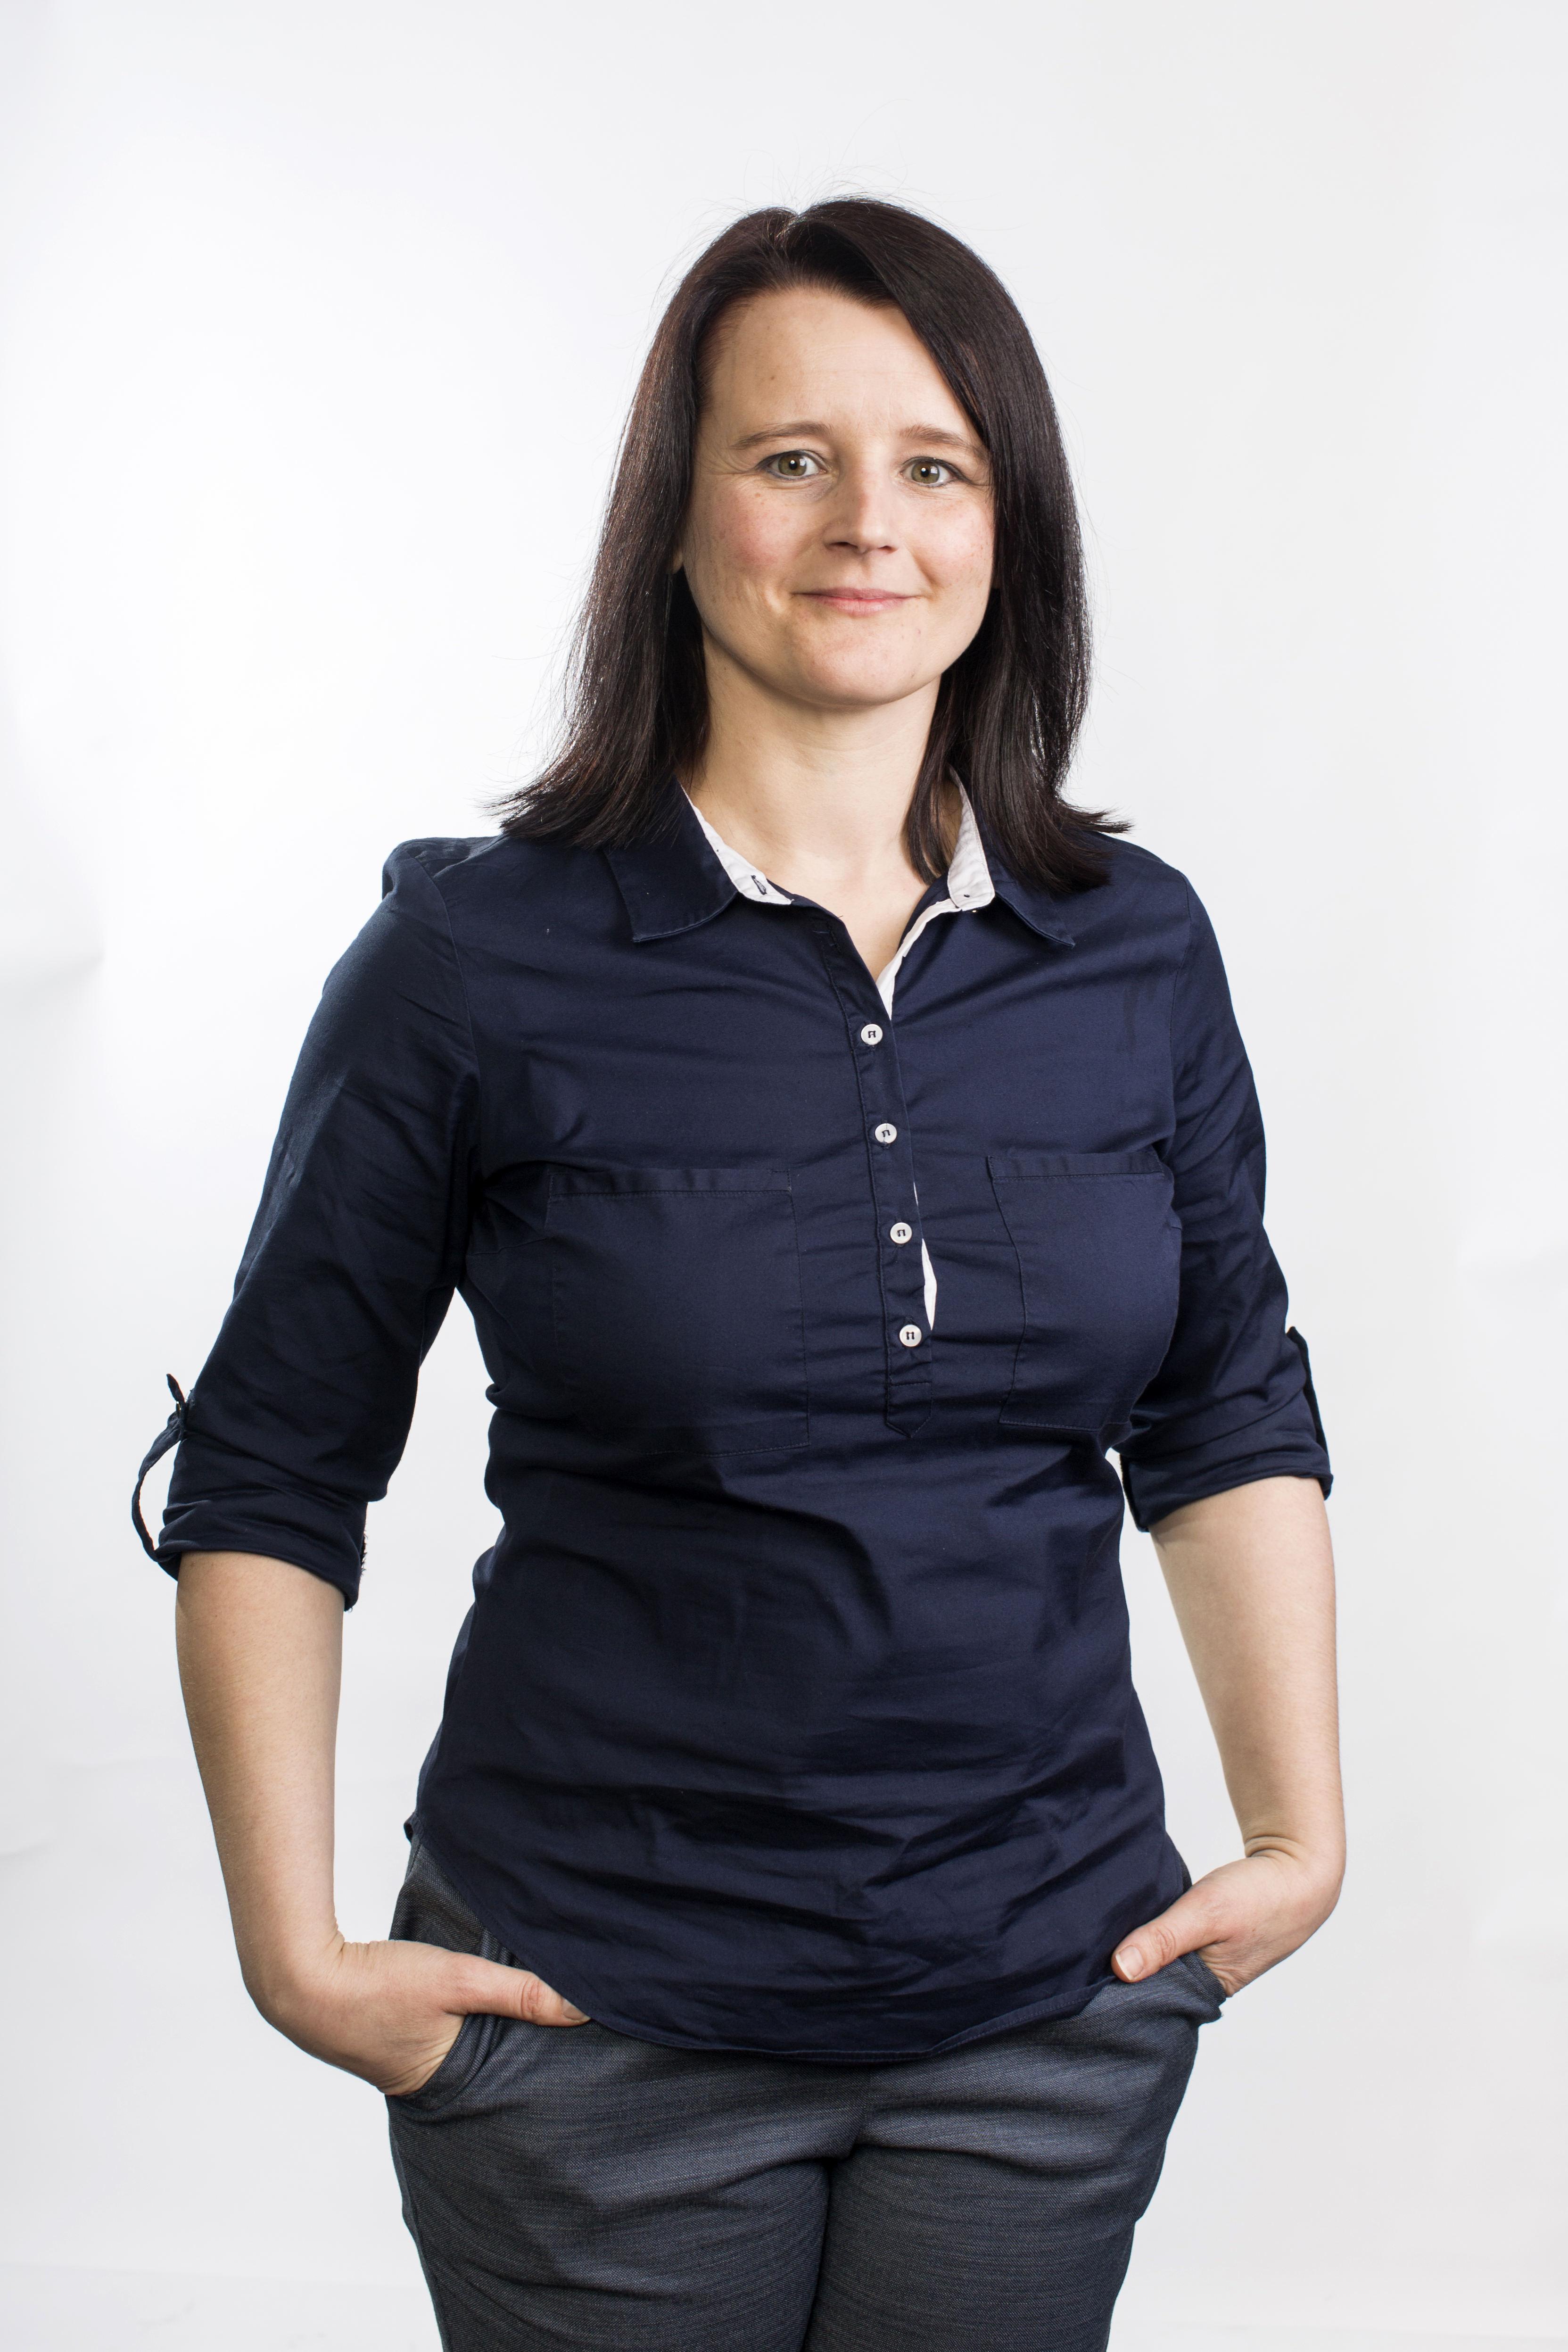 Victoria Drummond